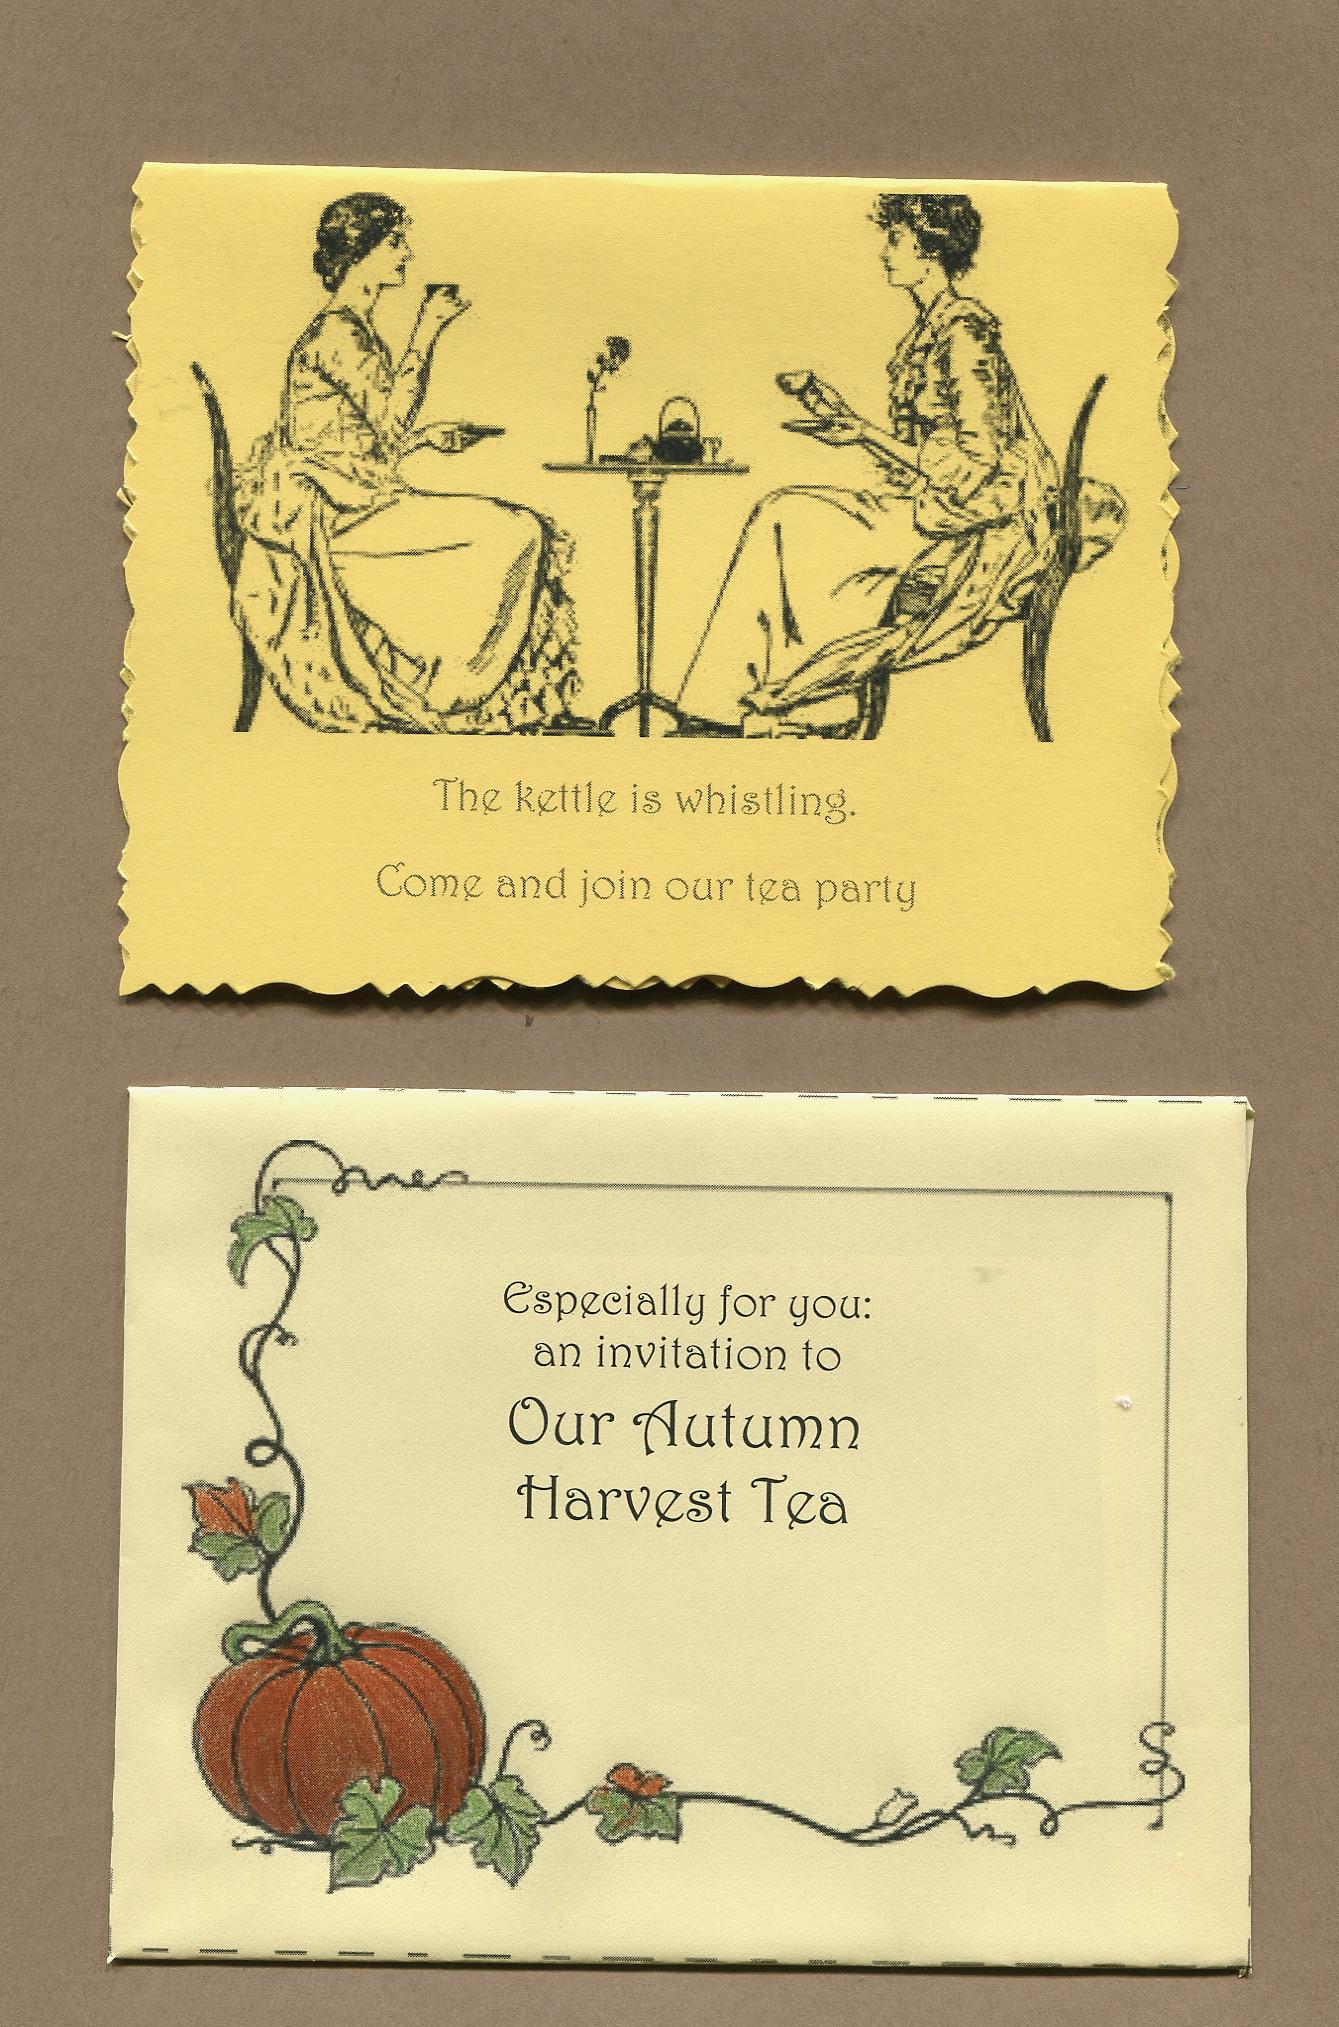 Harvest Tea invitation and envelope